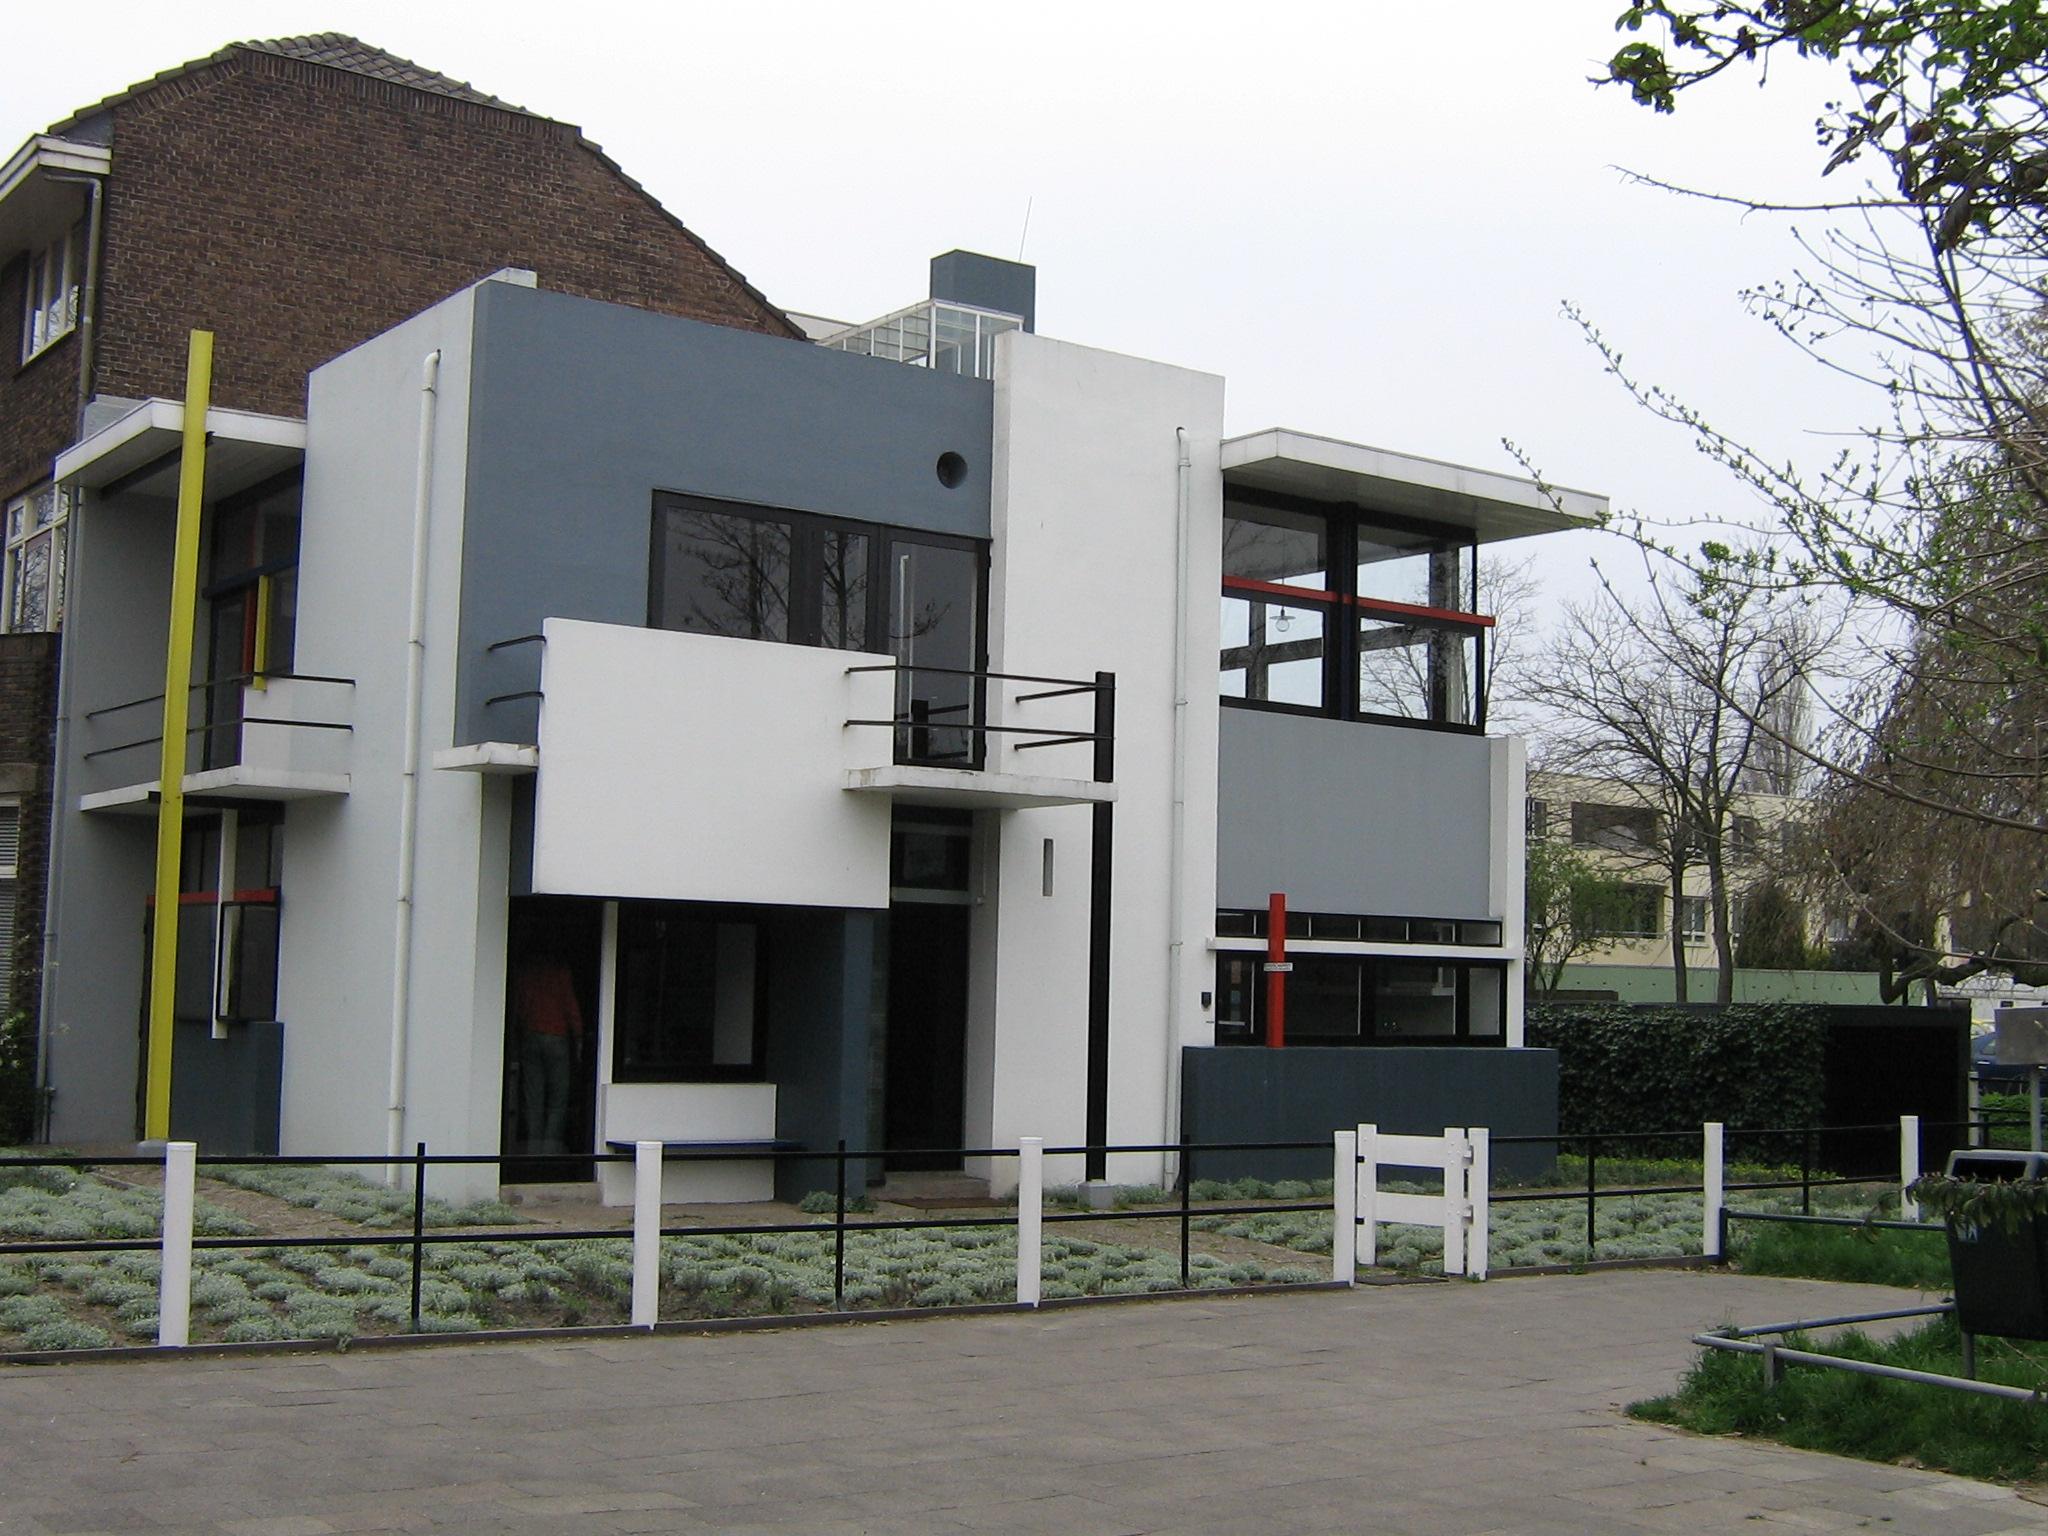 De stijl - Nieuwe home design ...